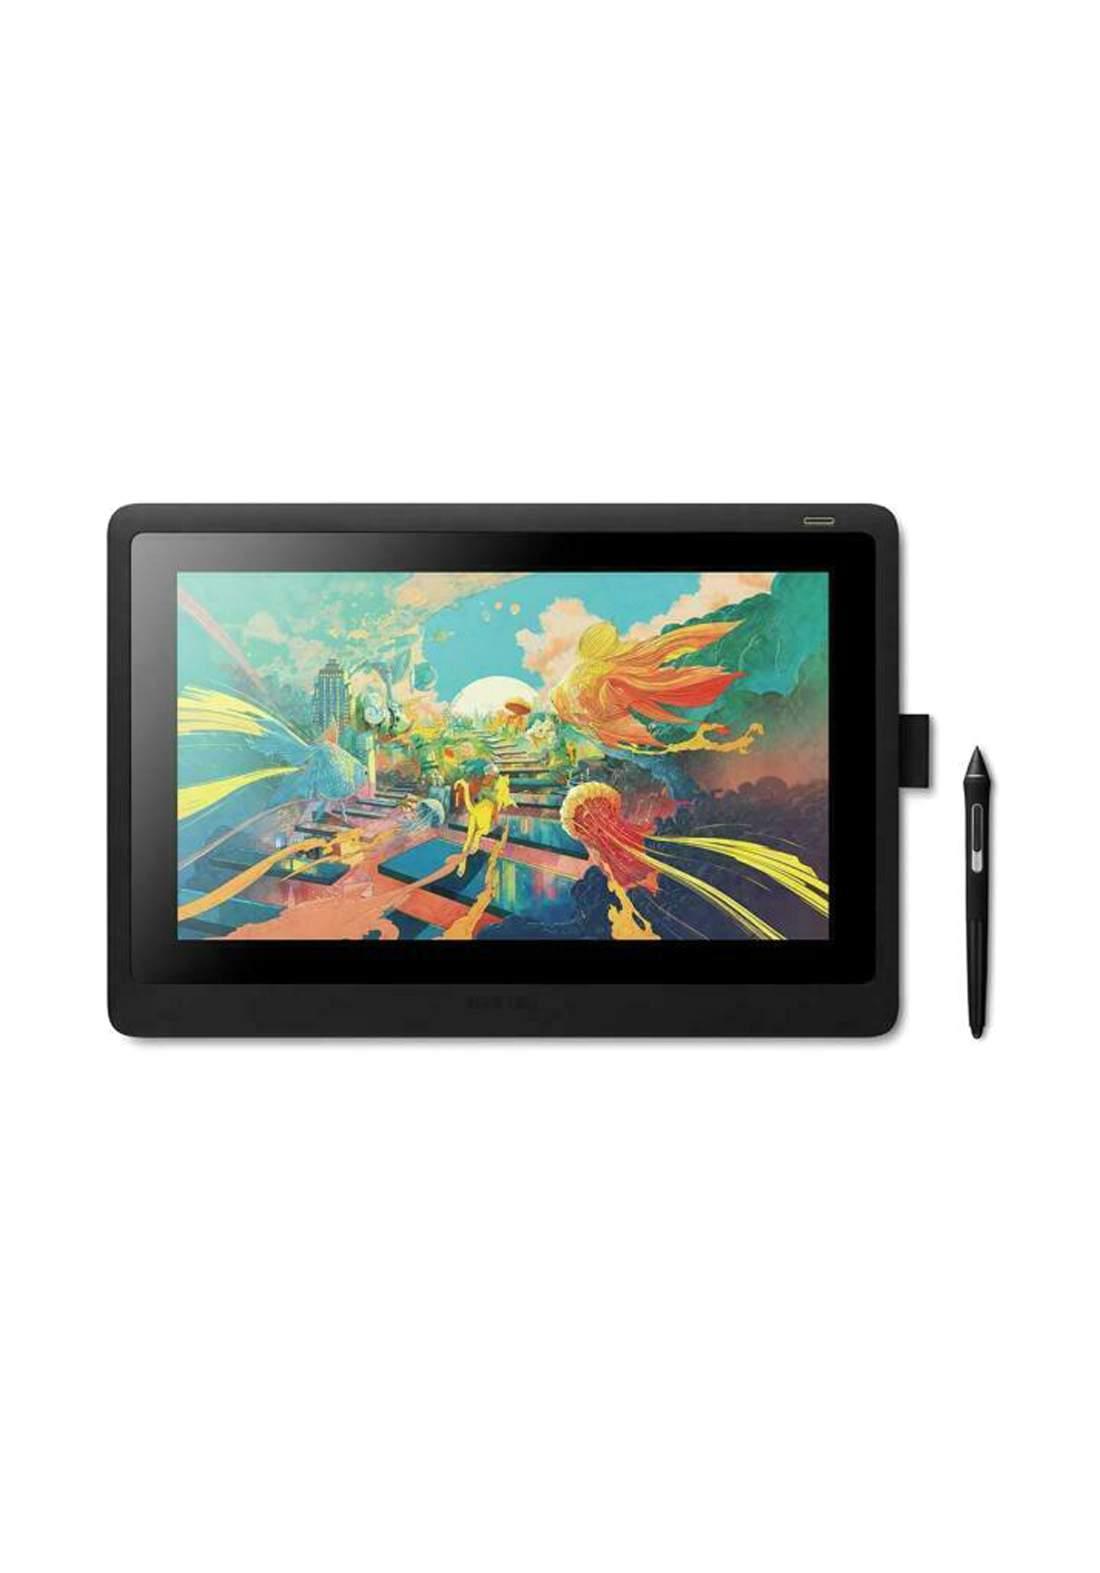 Wacom Cintiq 16HD Graphics Tablet - Black